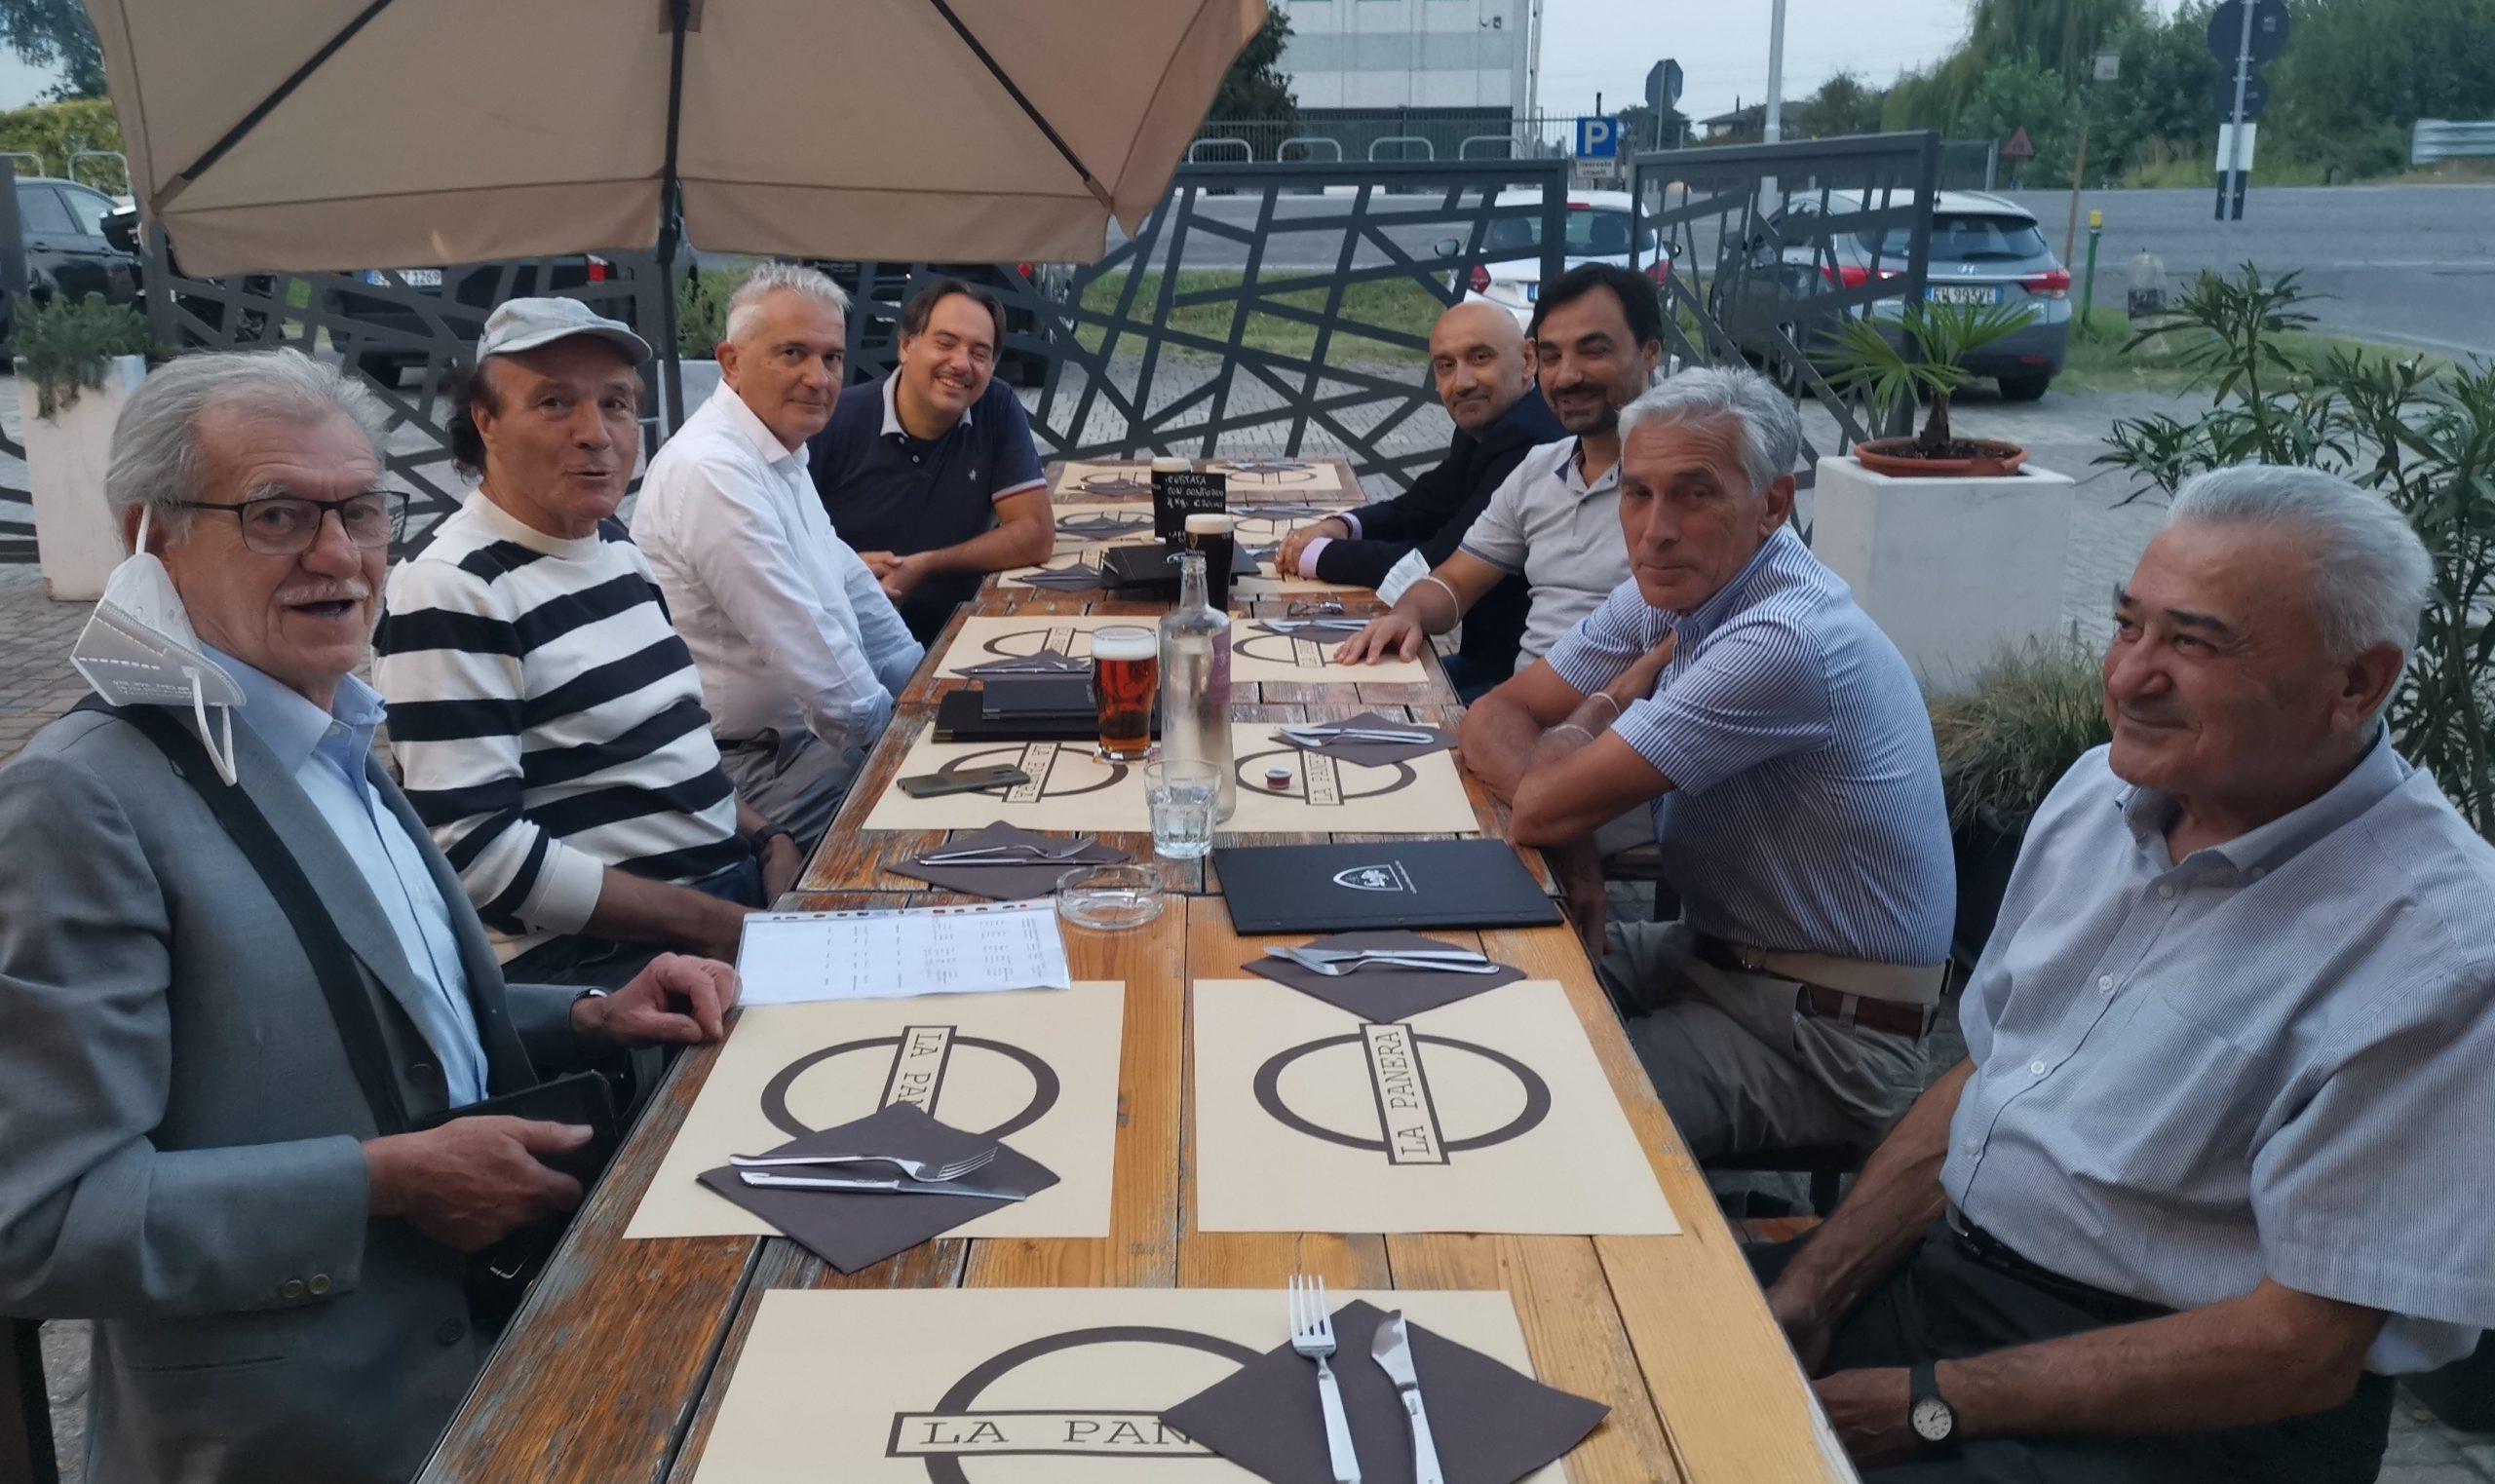 Sabato sera alla pizzeria Panera di Madignano, incontro di lavoro della comunità socialista